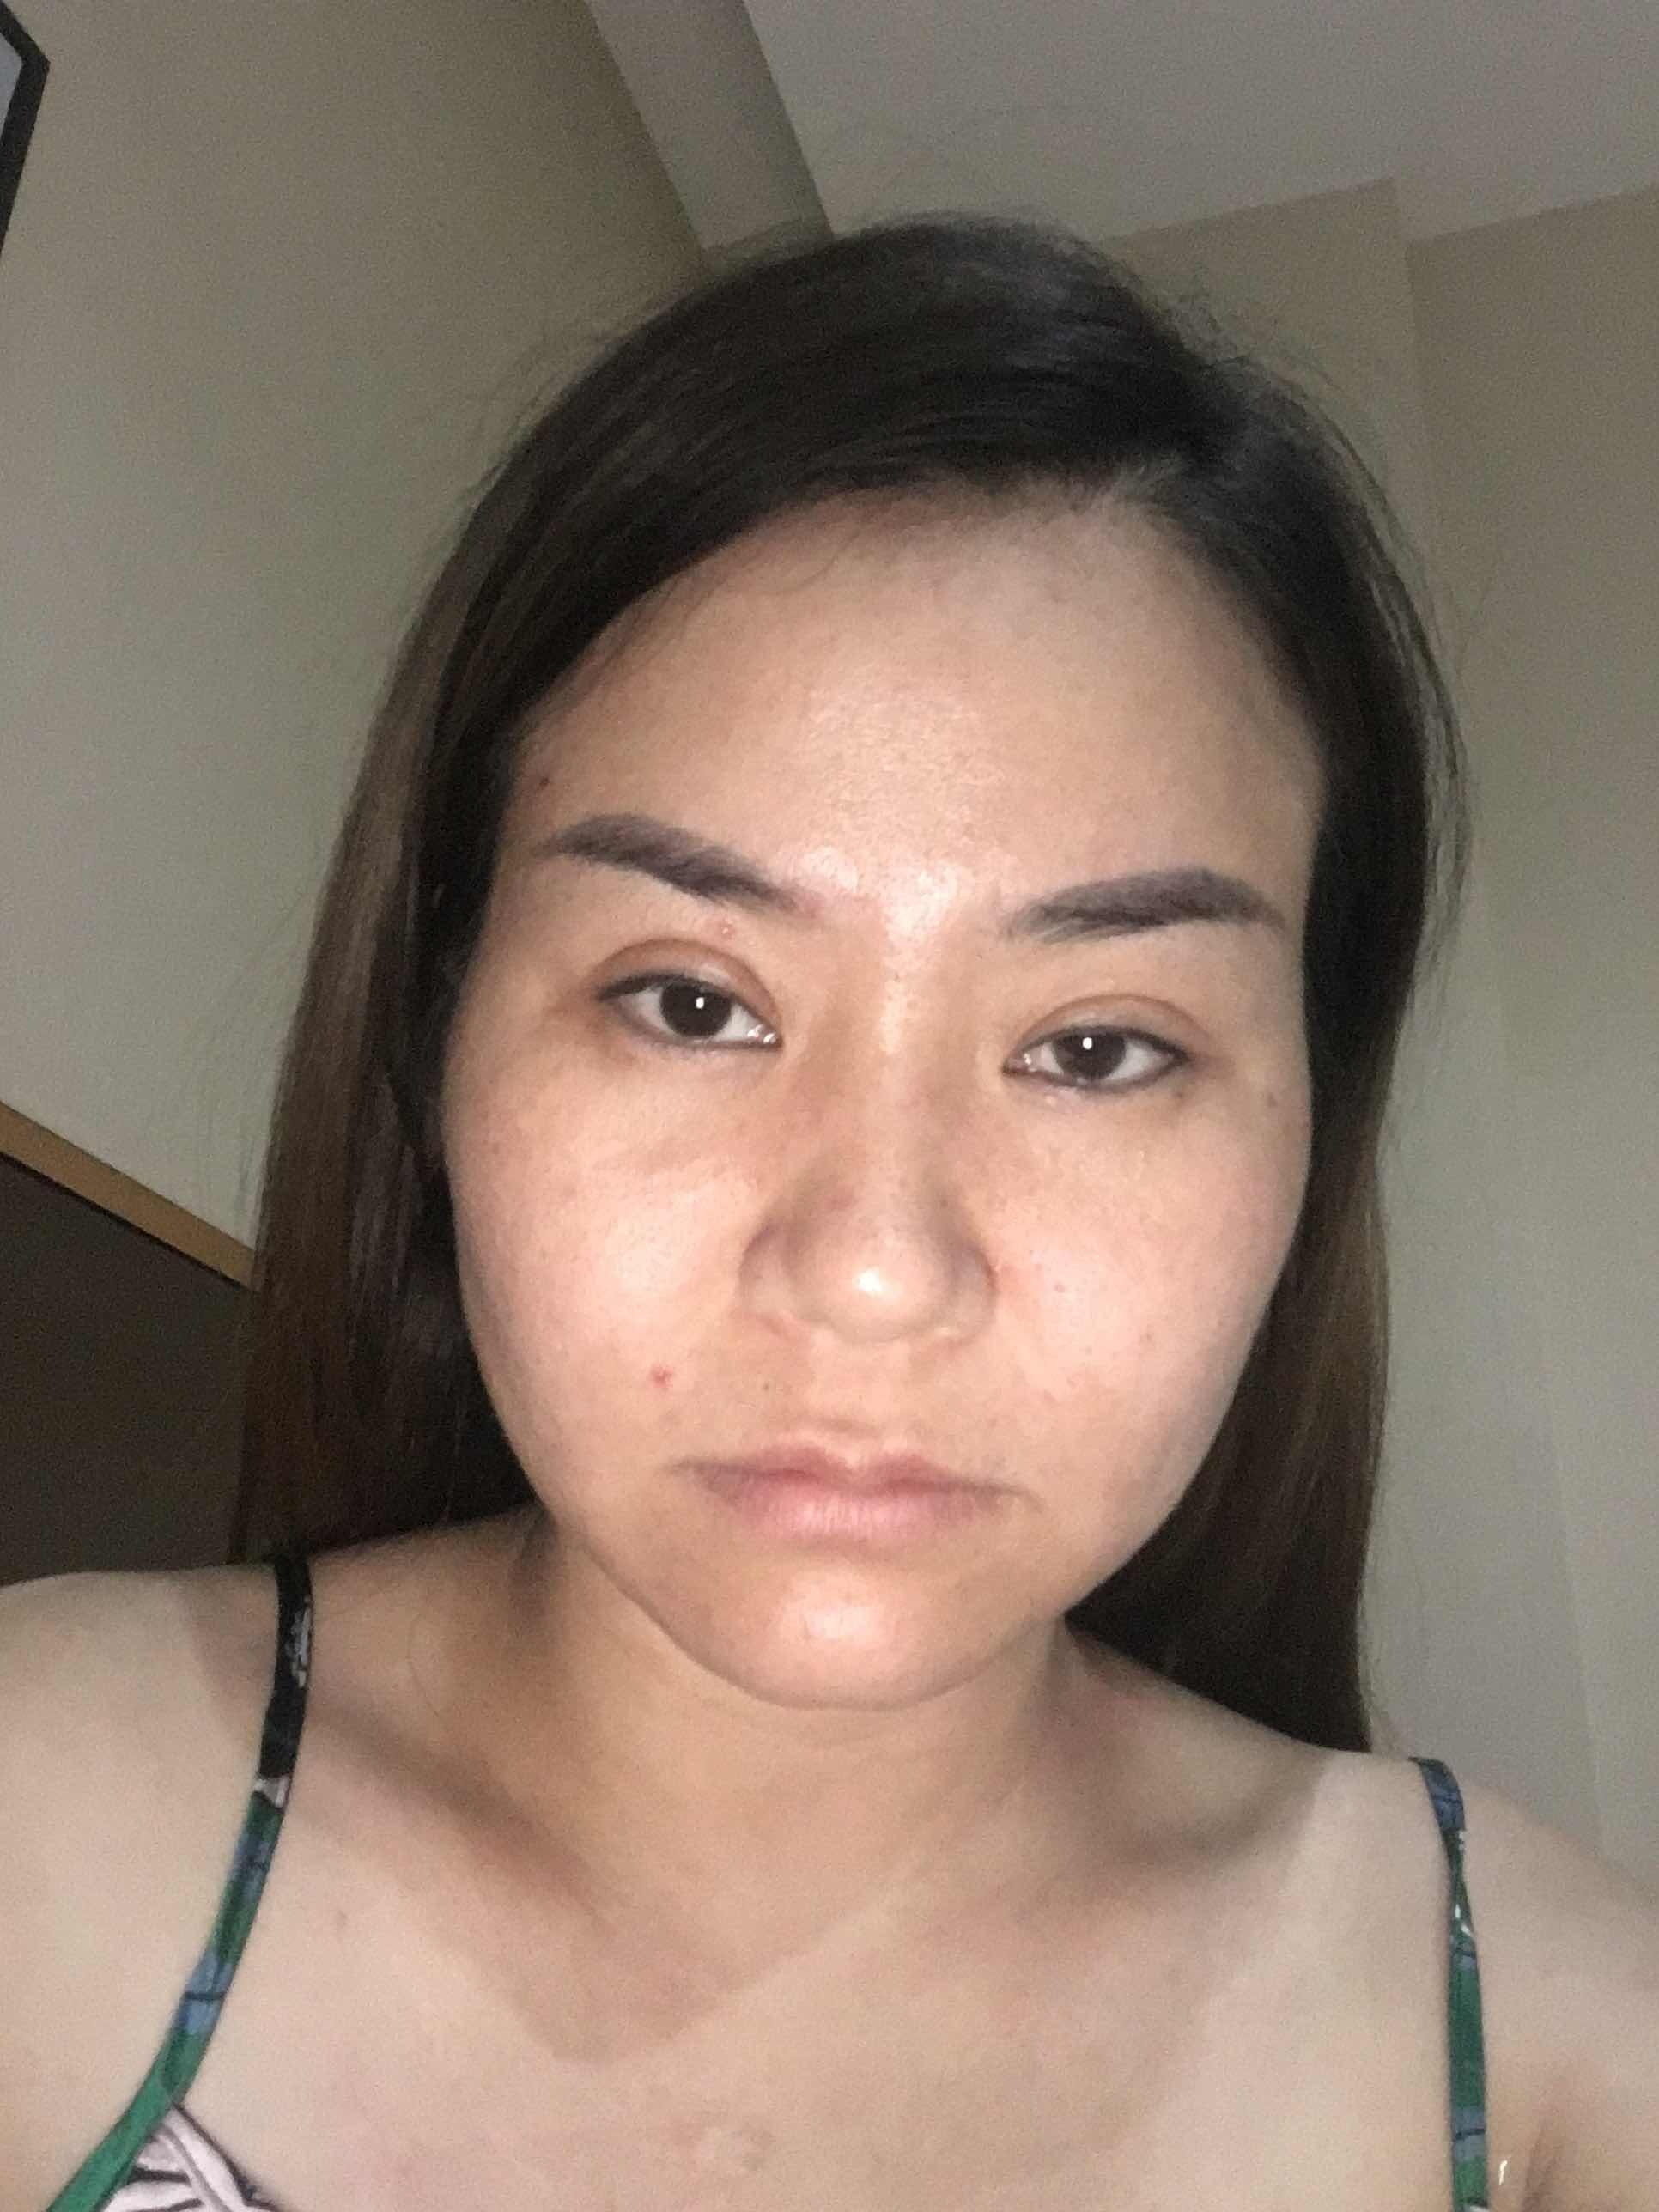 v脸手术是怎样的,想整容,太阳穴,鼻子,下巴,嘴巴,求大神给PS